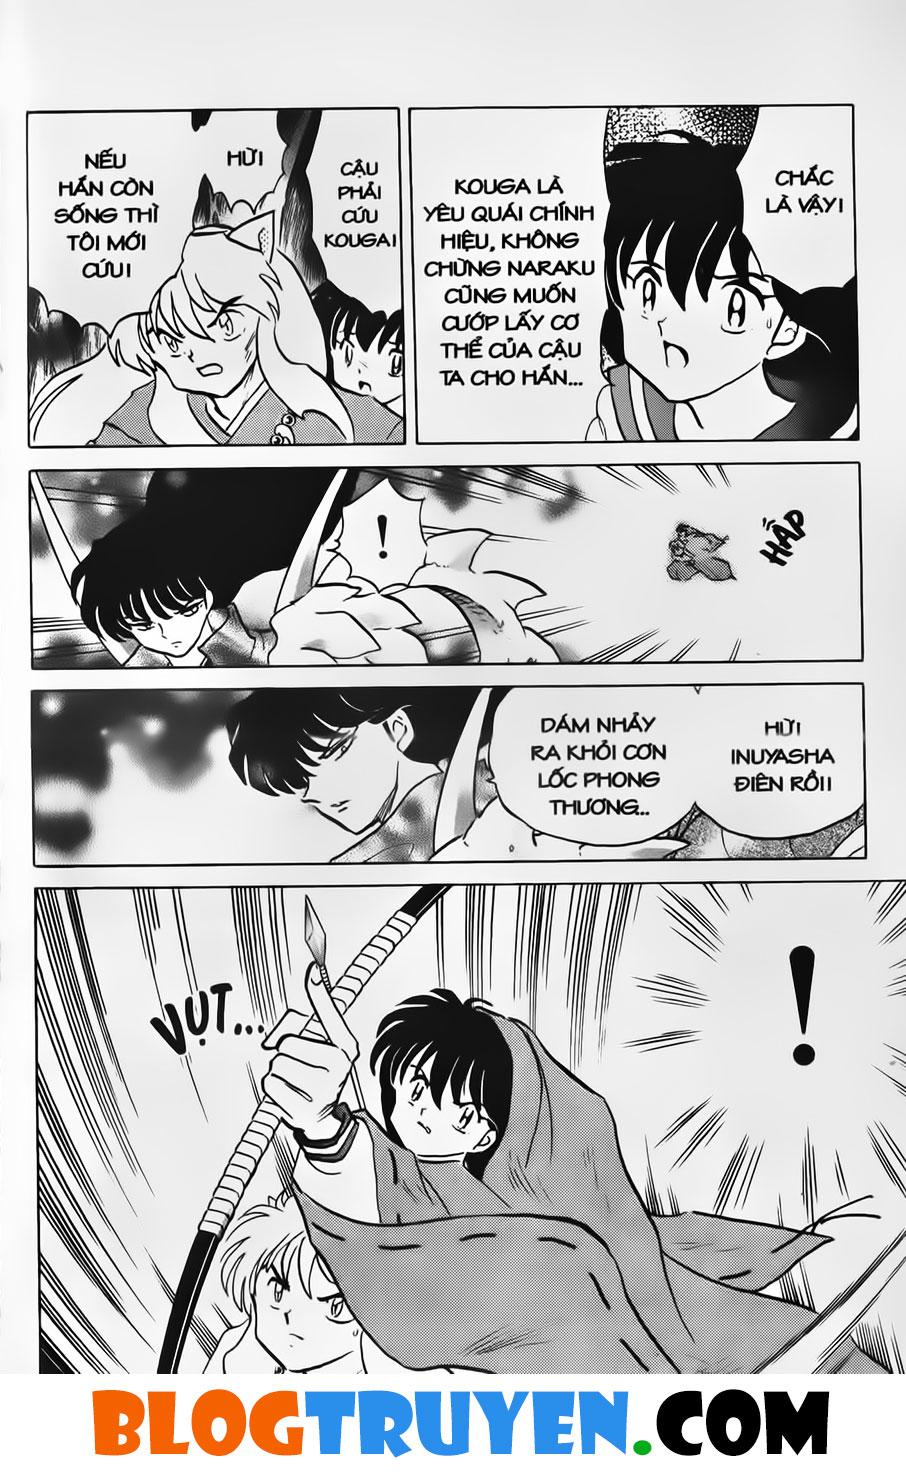 Inuyasha vol 29.1 trang 15